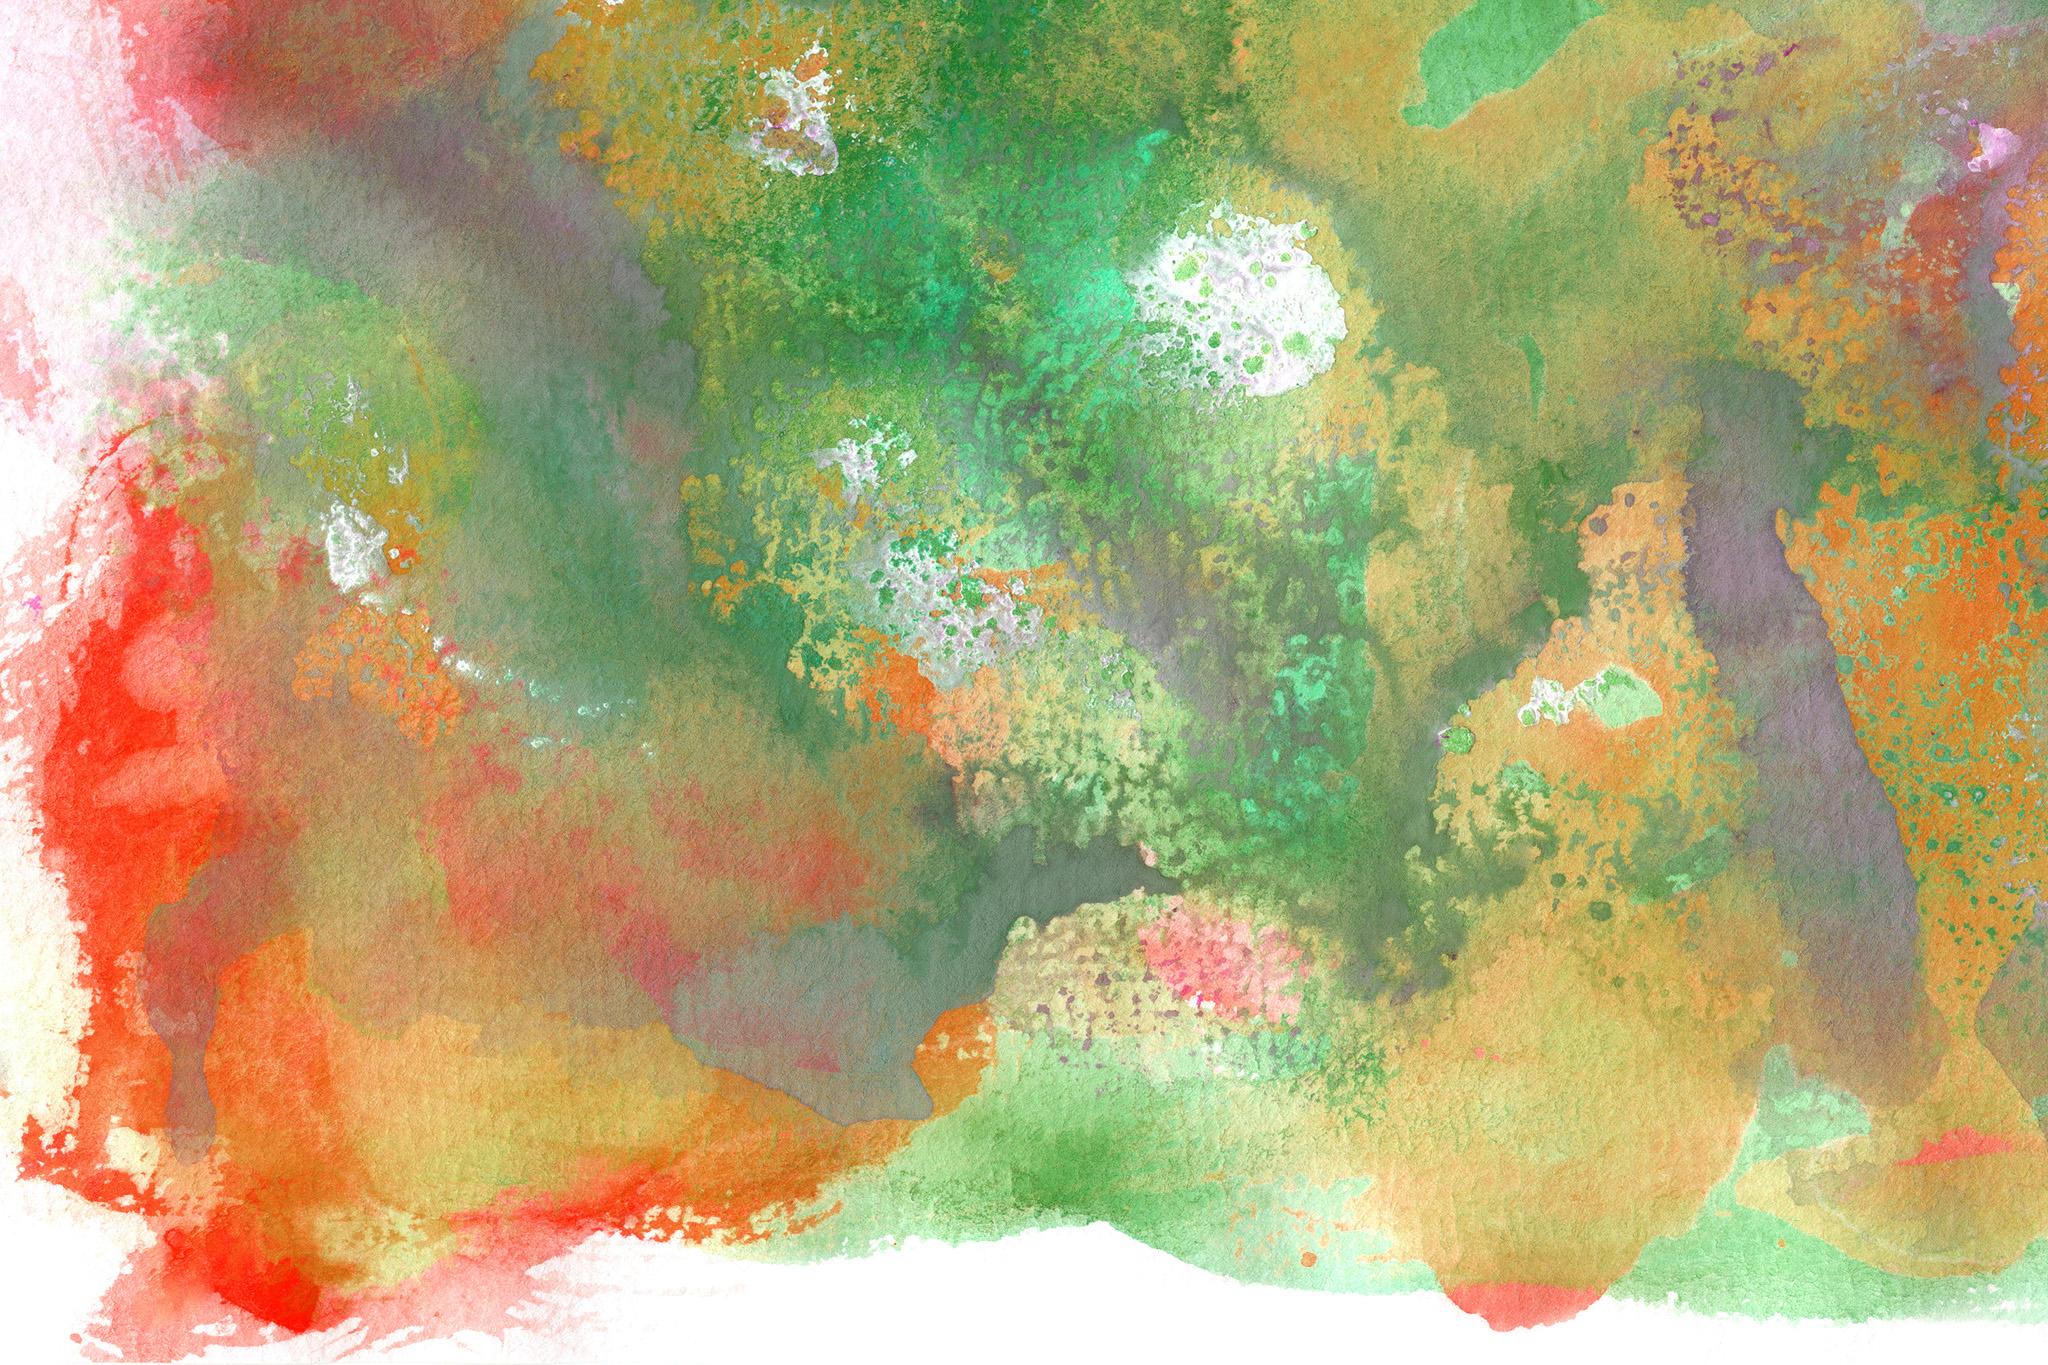 「カラフルな色がにじむ水彩テクスチャ」